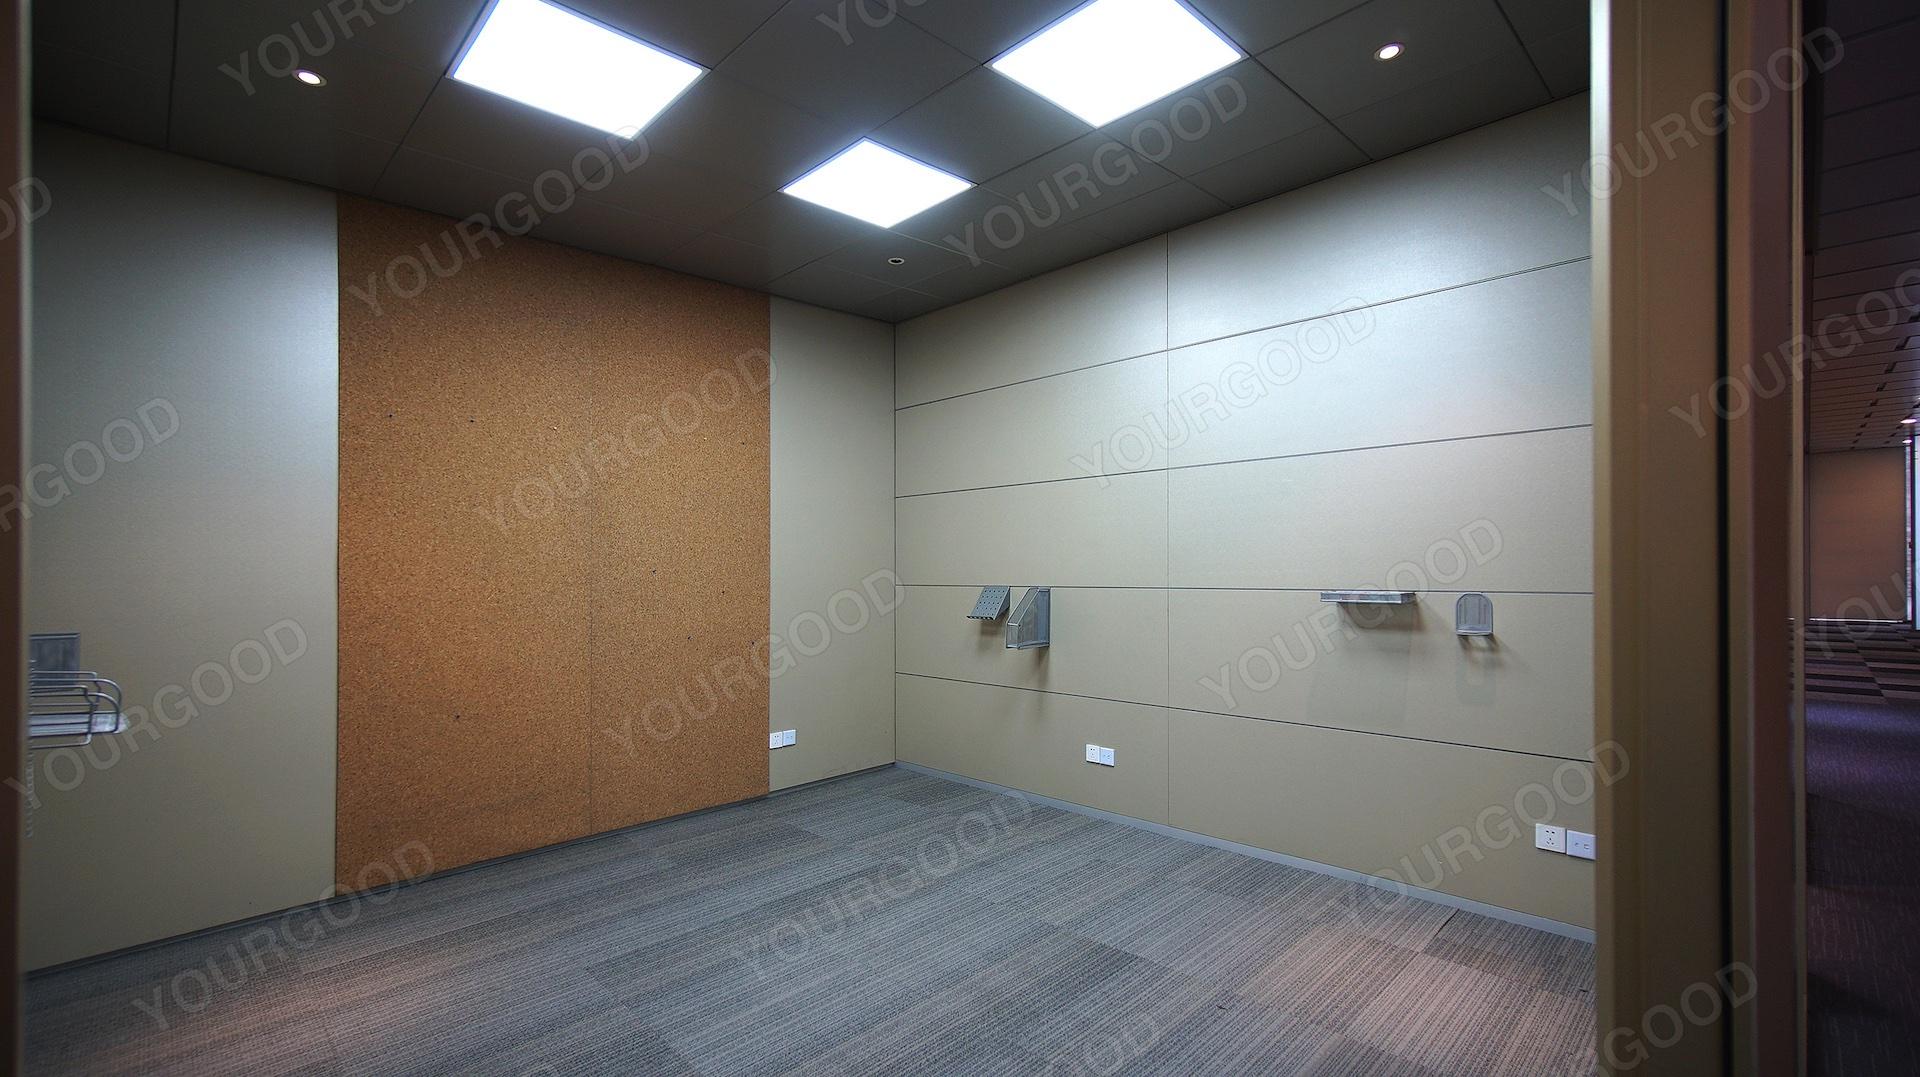 moto中文官网_W1单附墙式44成品隔断系统 - 上海优格装潢有限公司_官网